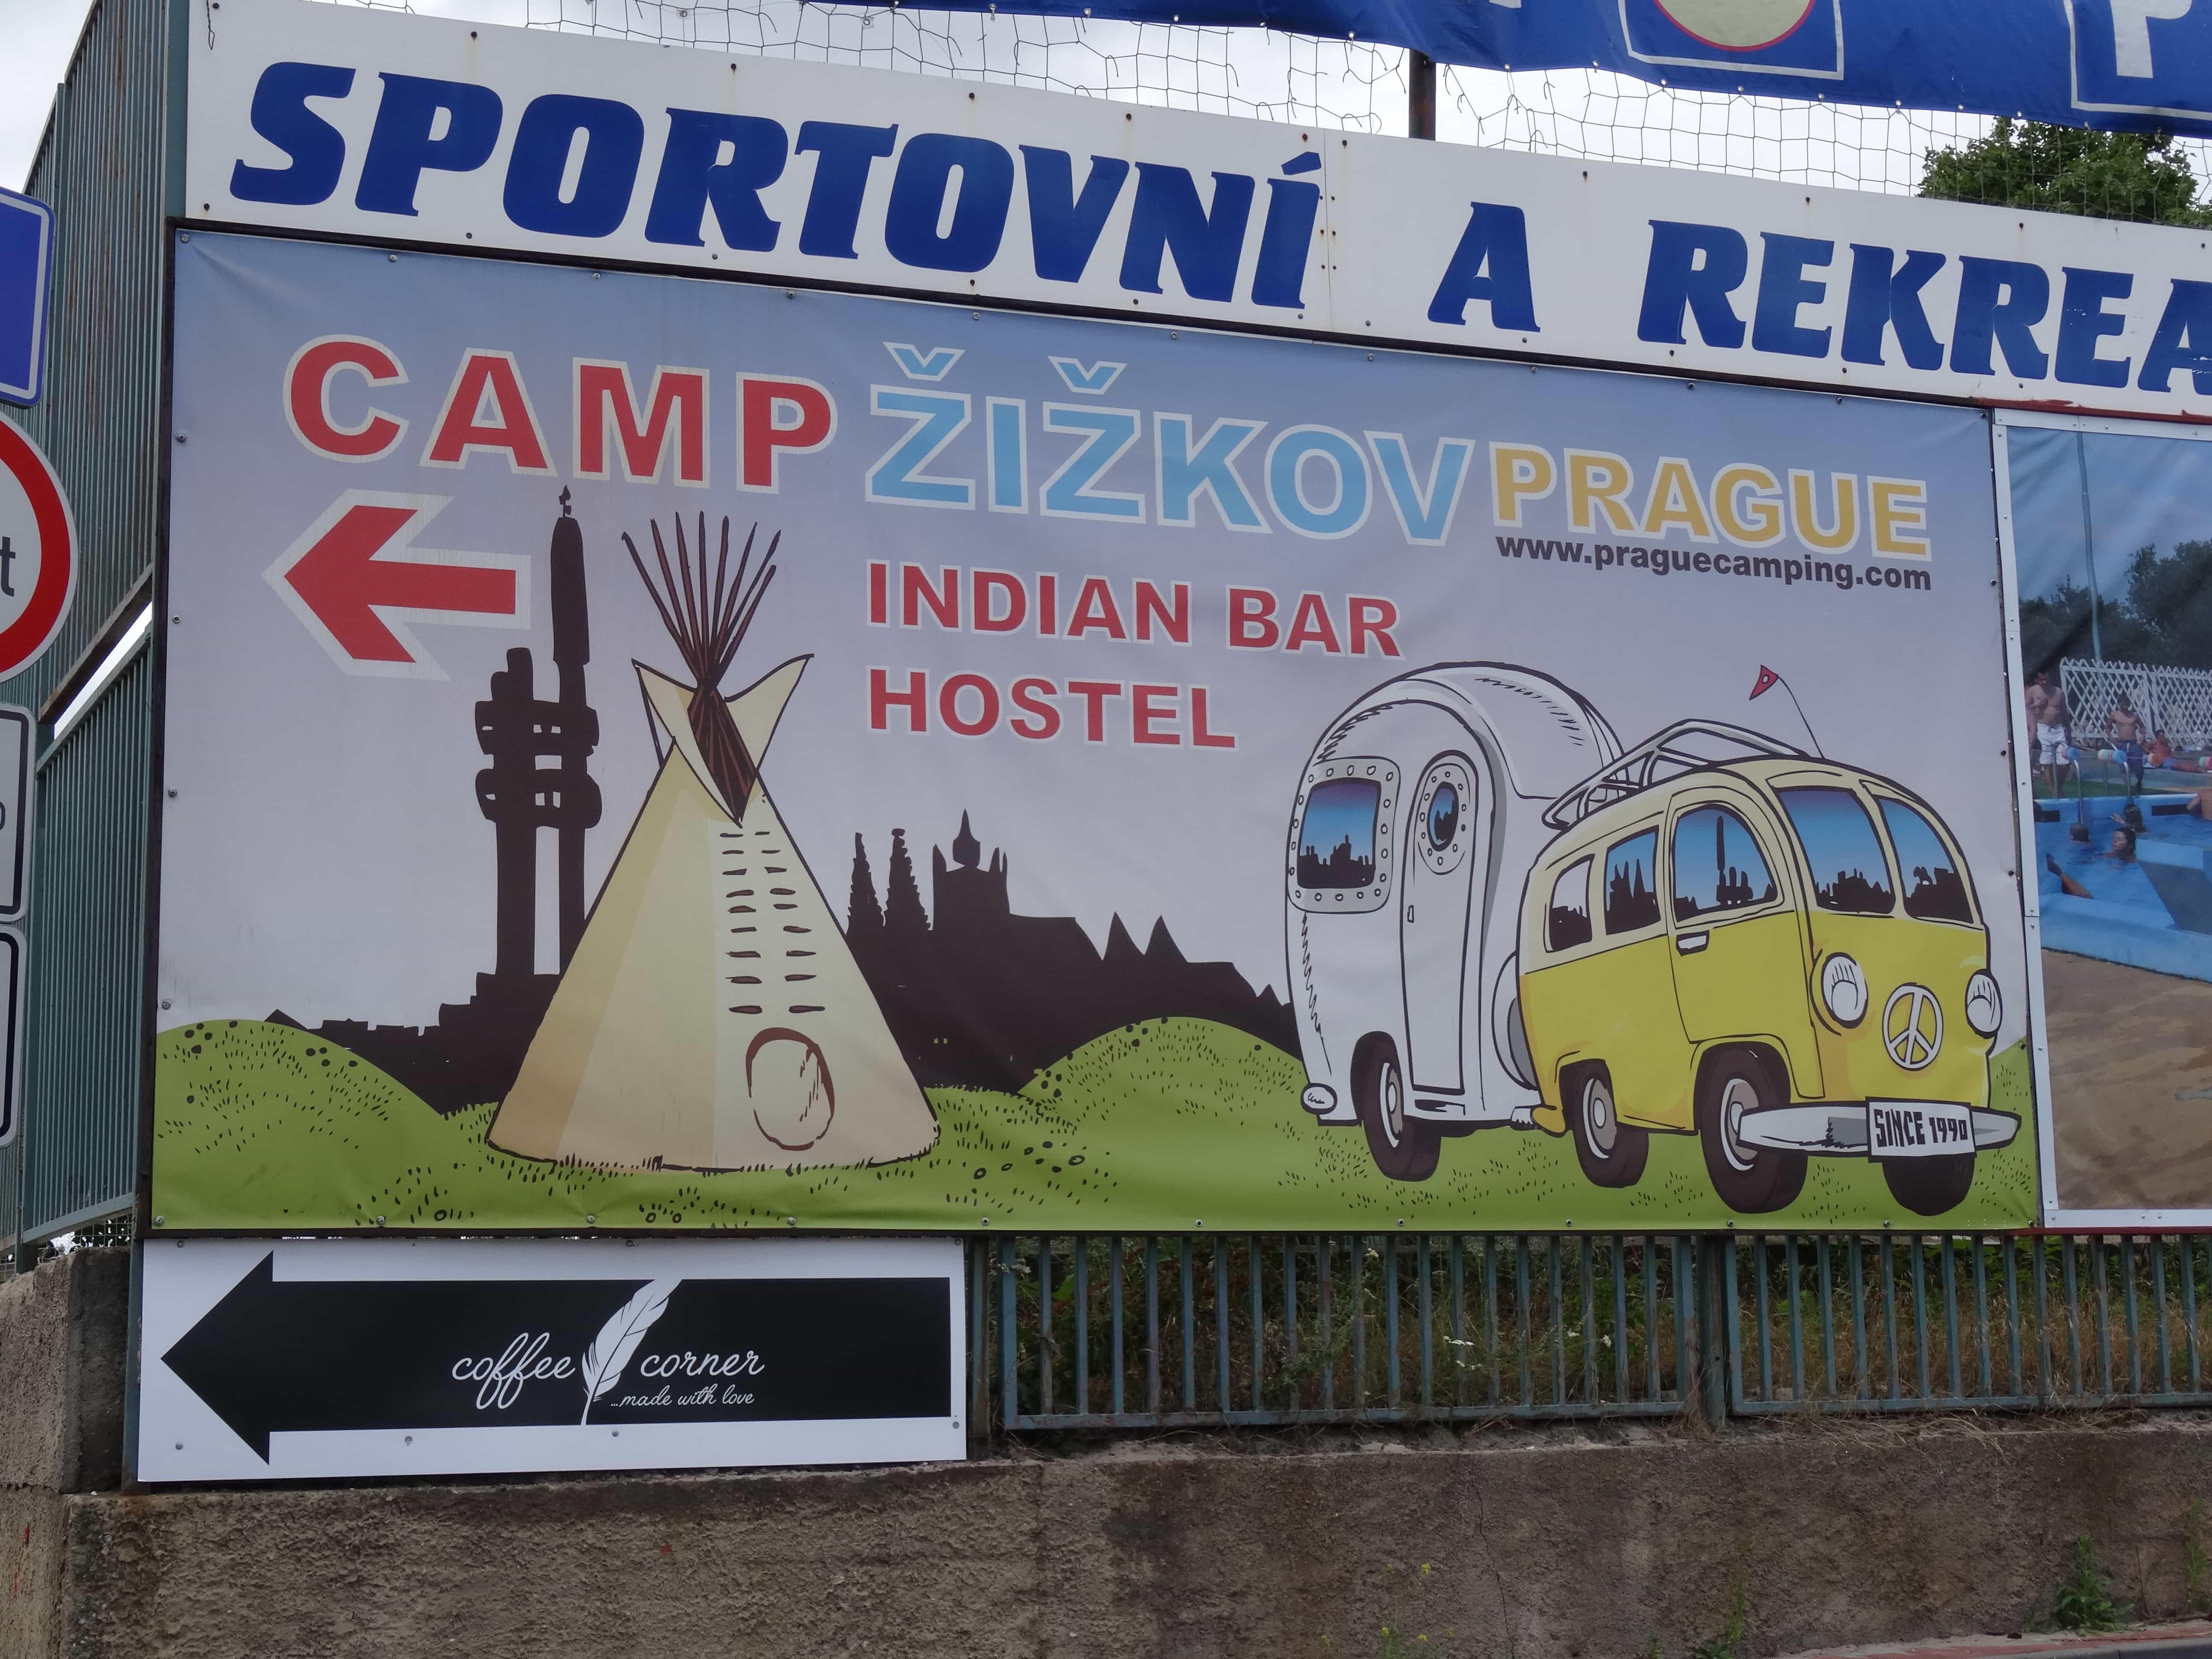 Camp Zizkov